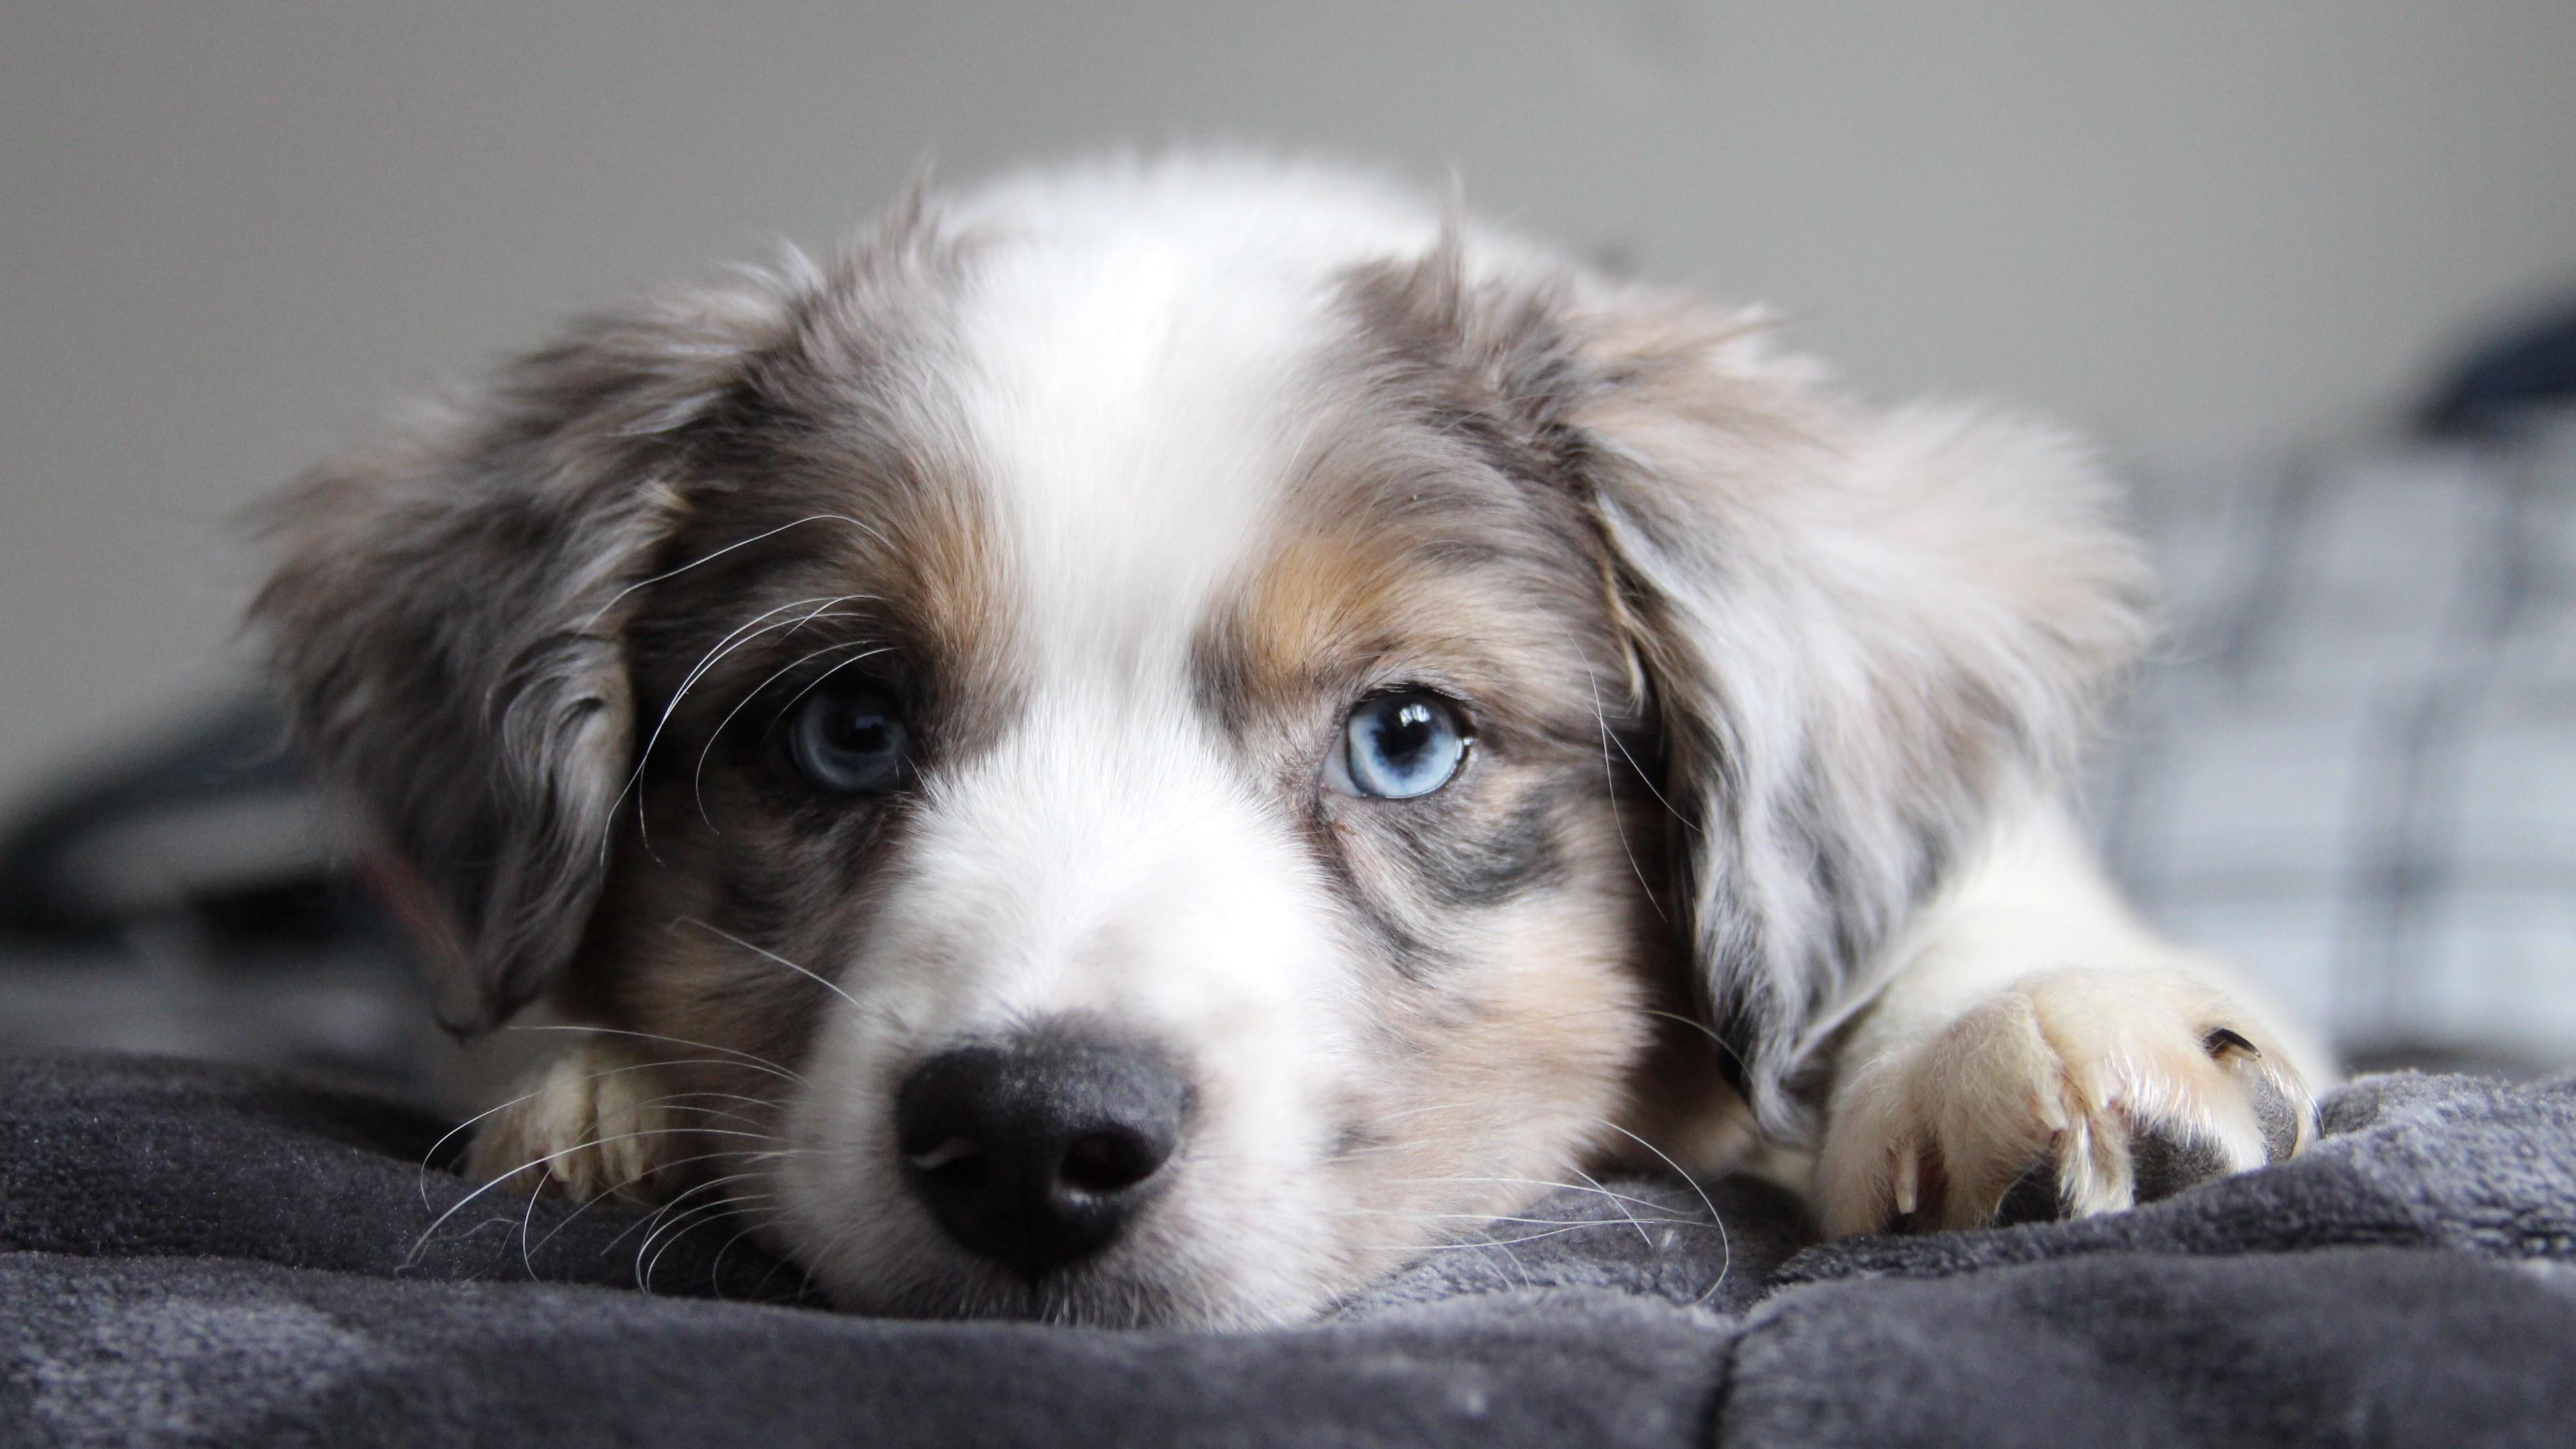 Cutest Border Collie Puppy Wallpaper